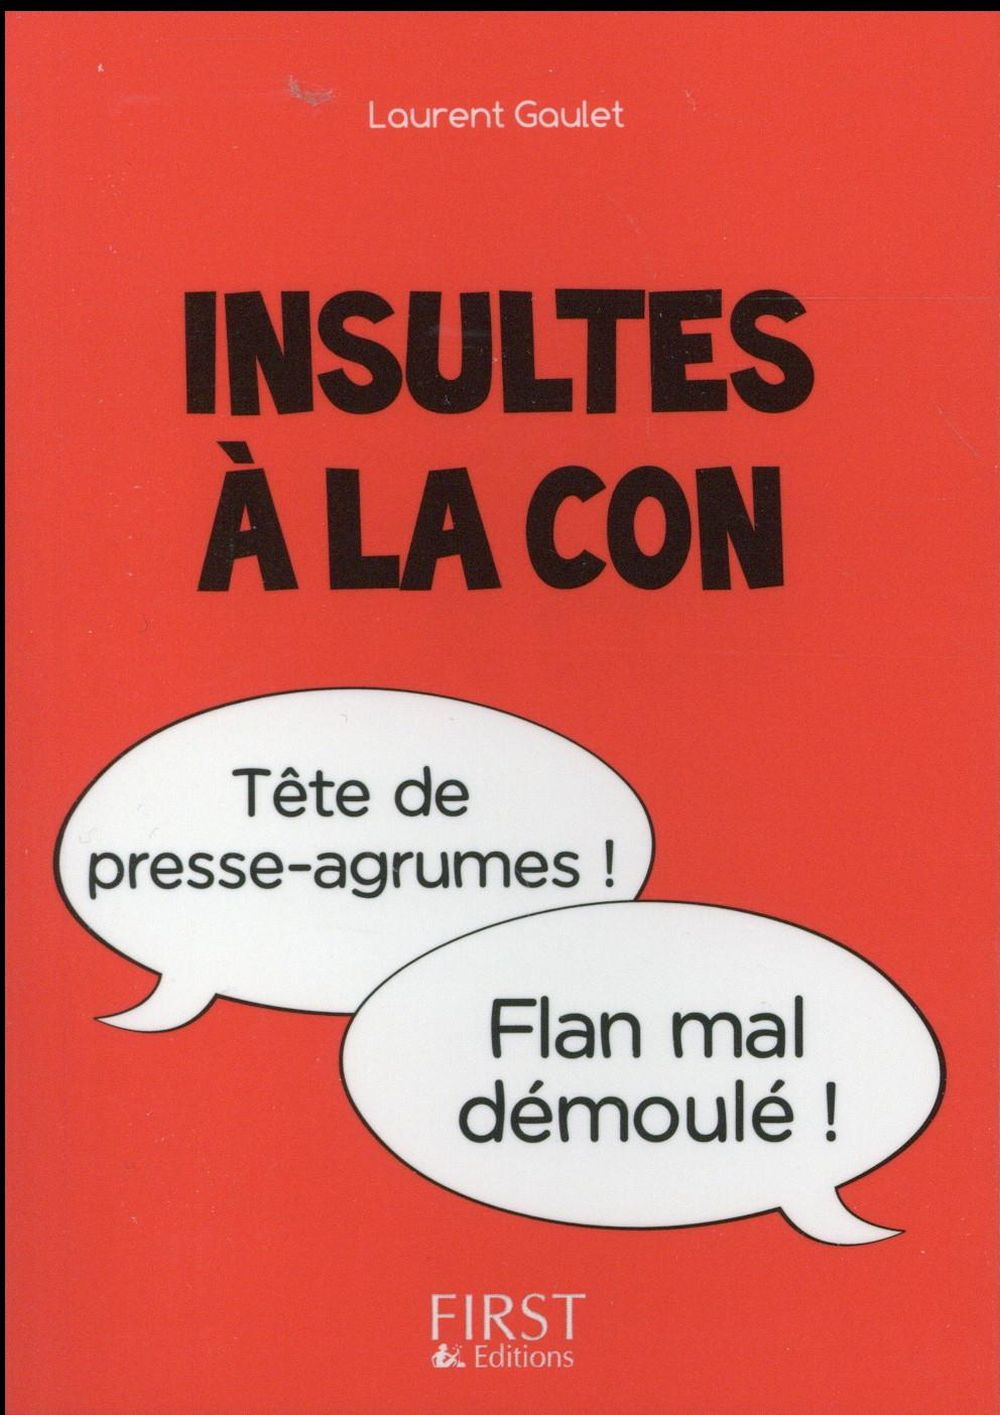 LE PETIT LIVRE DE - INSULTES A LA CON Gaulet Laurent First Editions